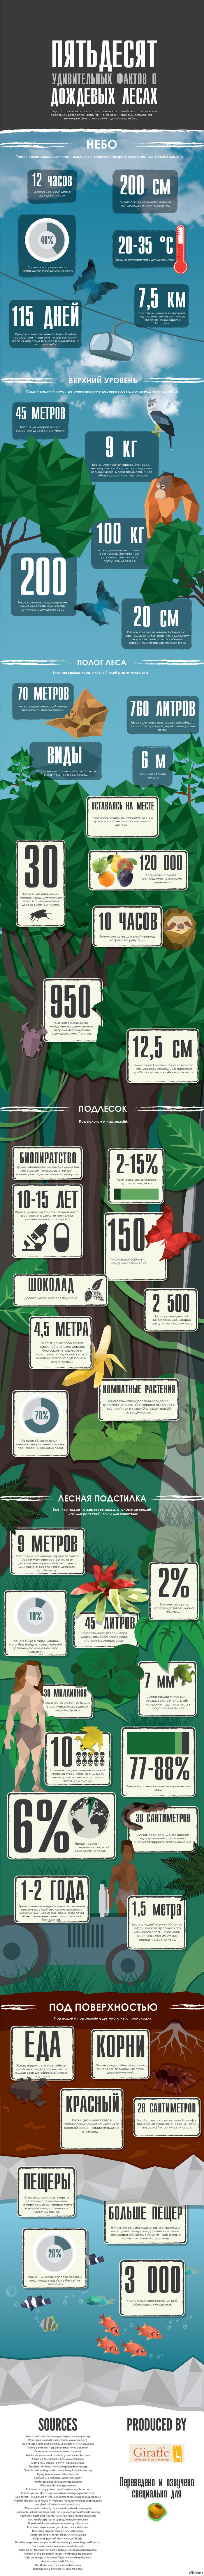 50 удивительных фактов о тропических дождевых лесах очень длиннопост 2